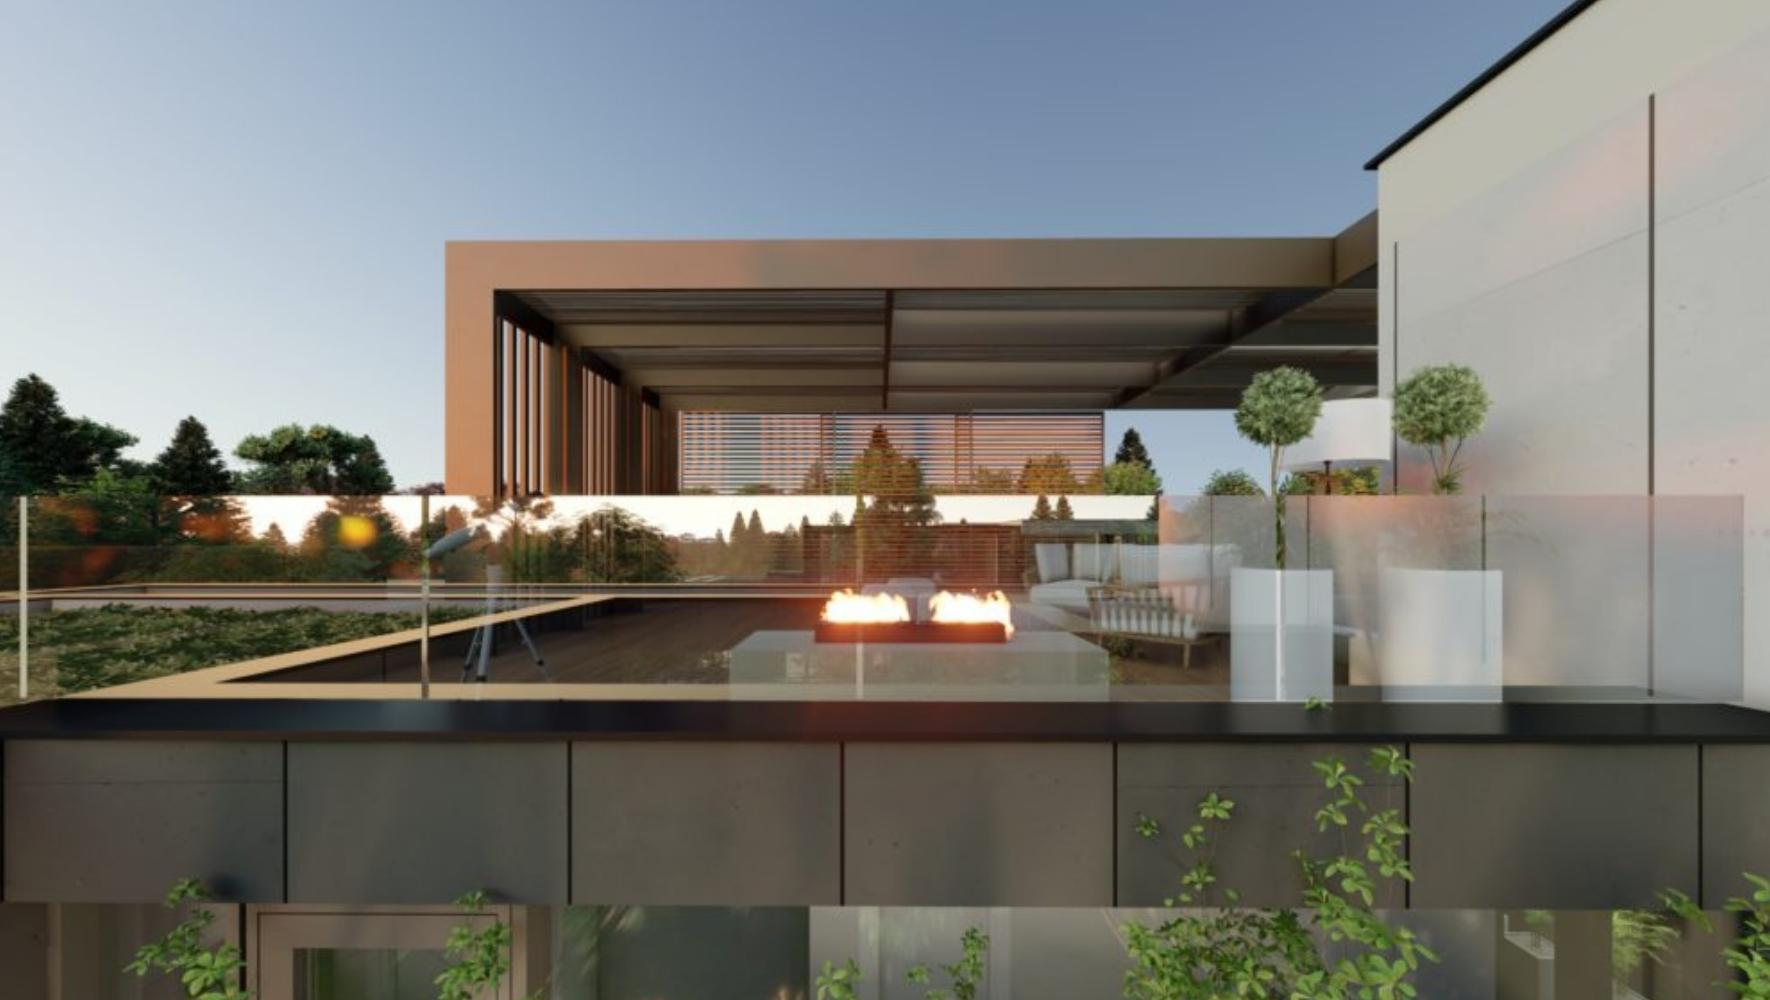 3 Viviendas Unifamiliares en Boadilla del Monte, Madrid. Proyecto de FH2L Arquitectos